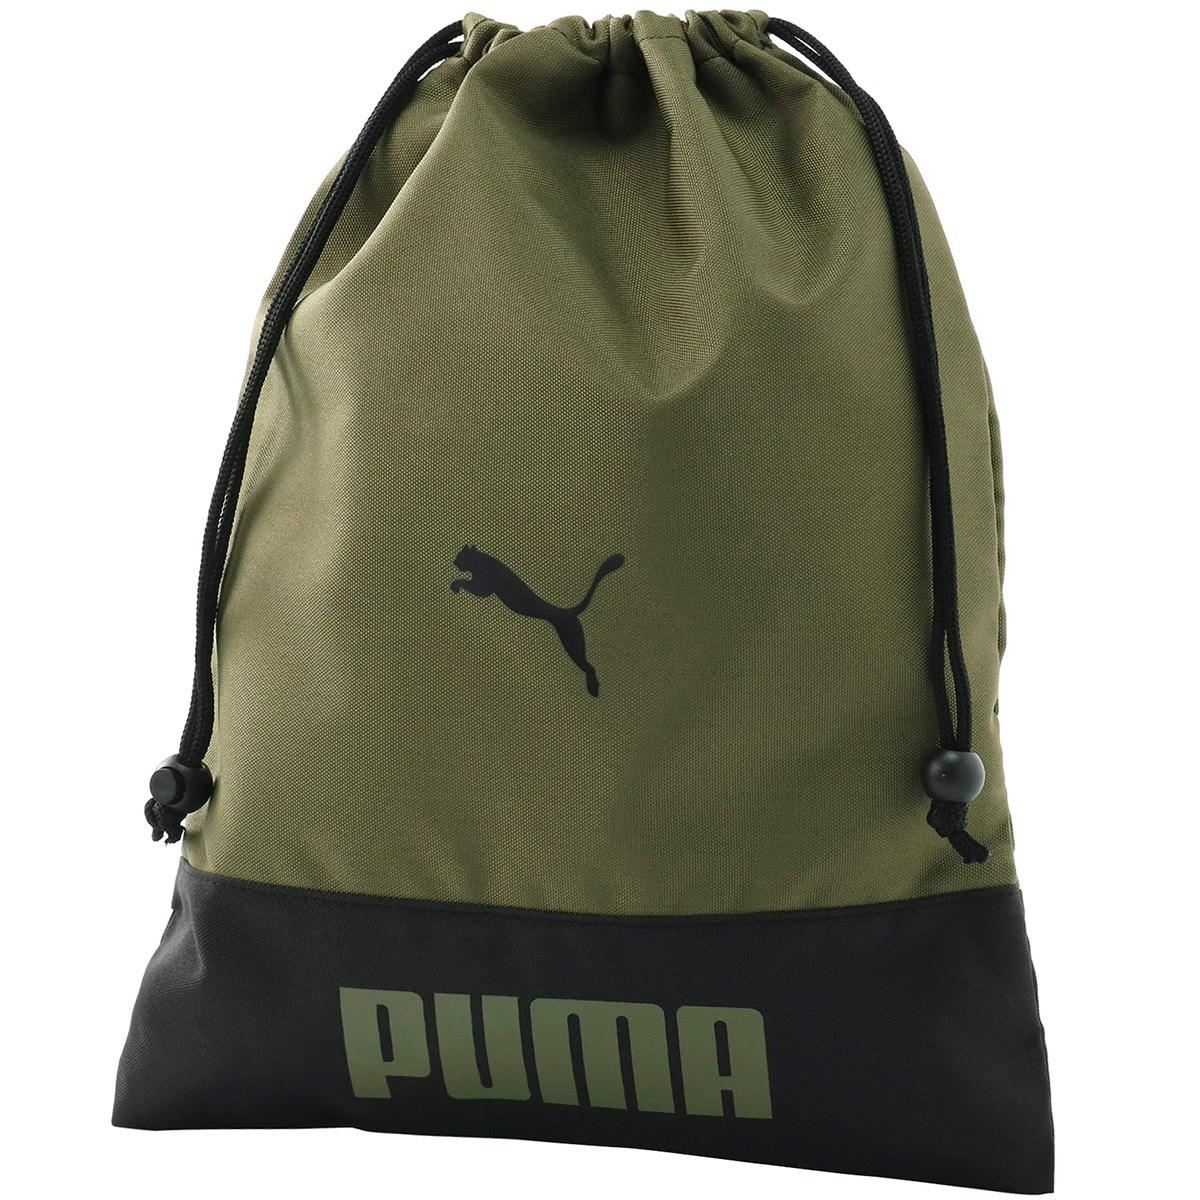 プーマ(PUMA) ベーシック シューズバッグ